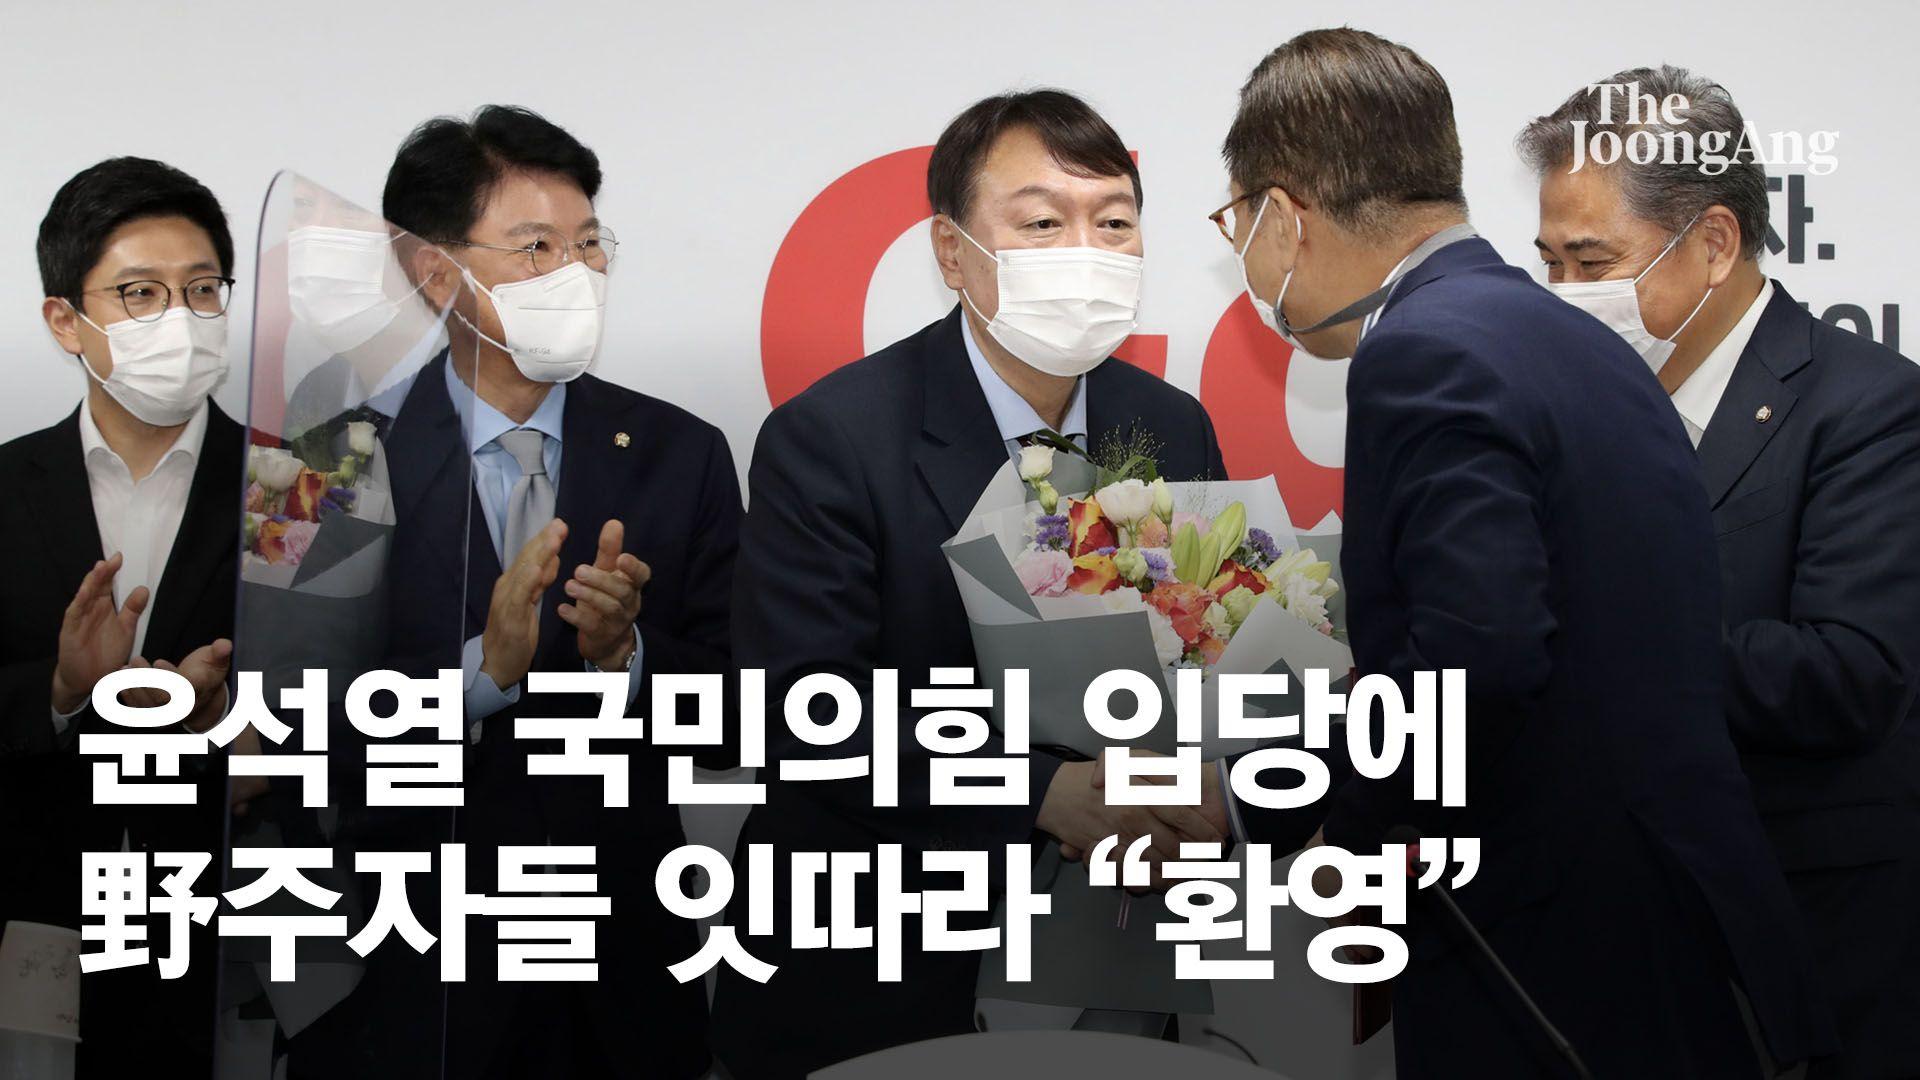 """전여옥 """"윤석열 아니었다면 조국이 민주당 대선후보 0순위"""""""